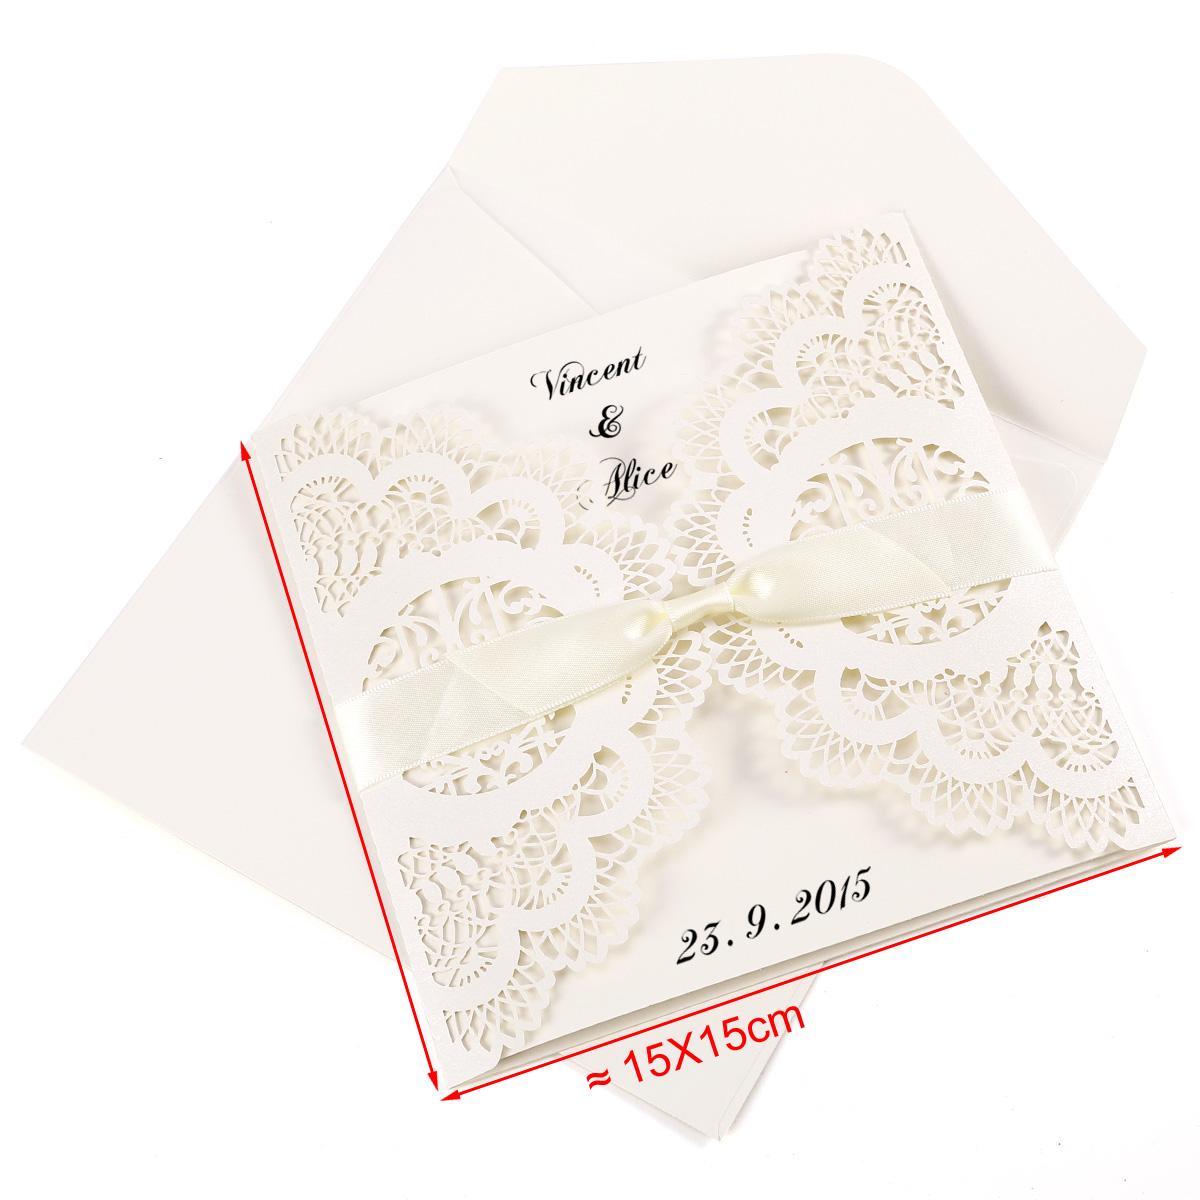 10pz inviti partecipazione per matrimonio feste carta for Inviti per matrimonio